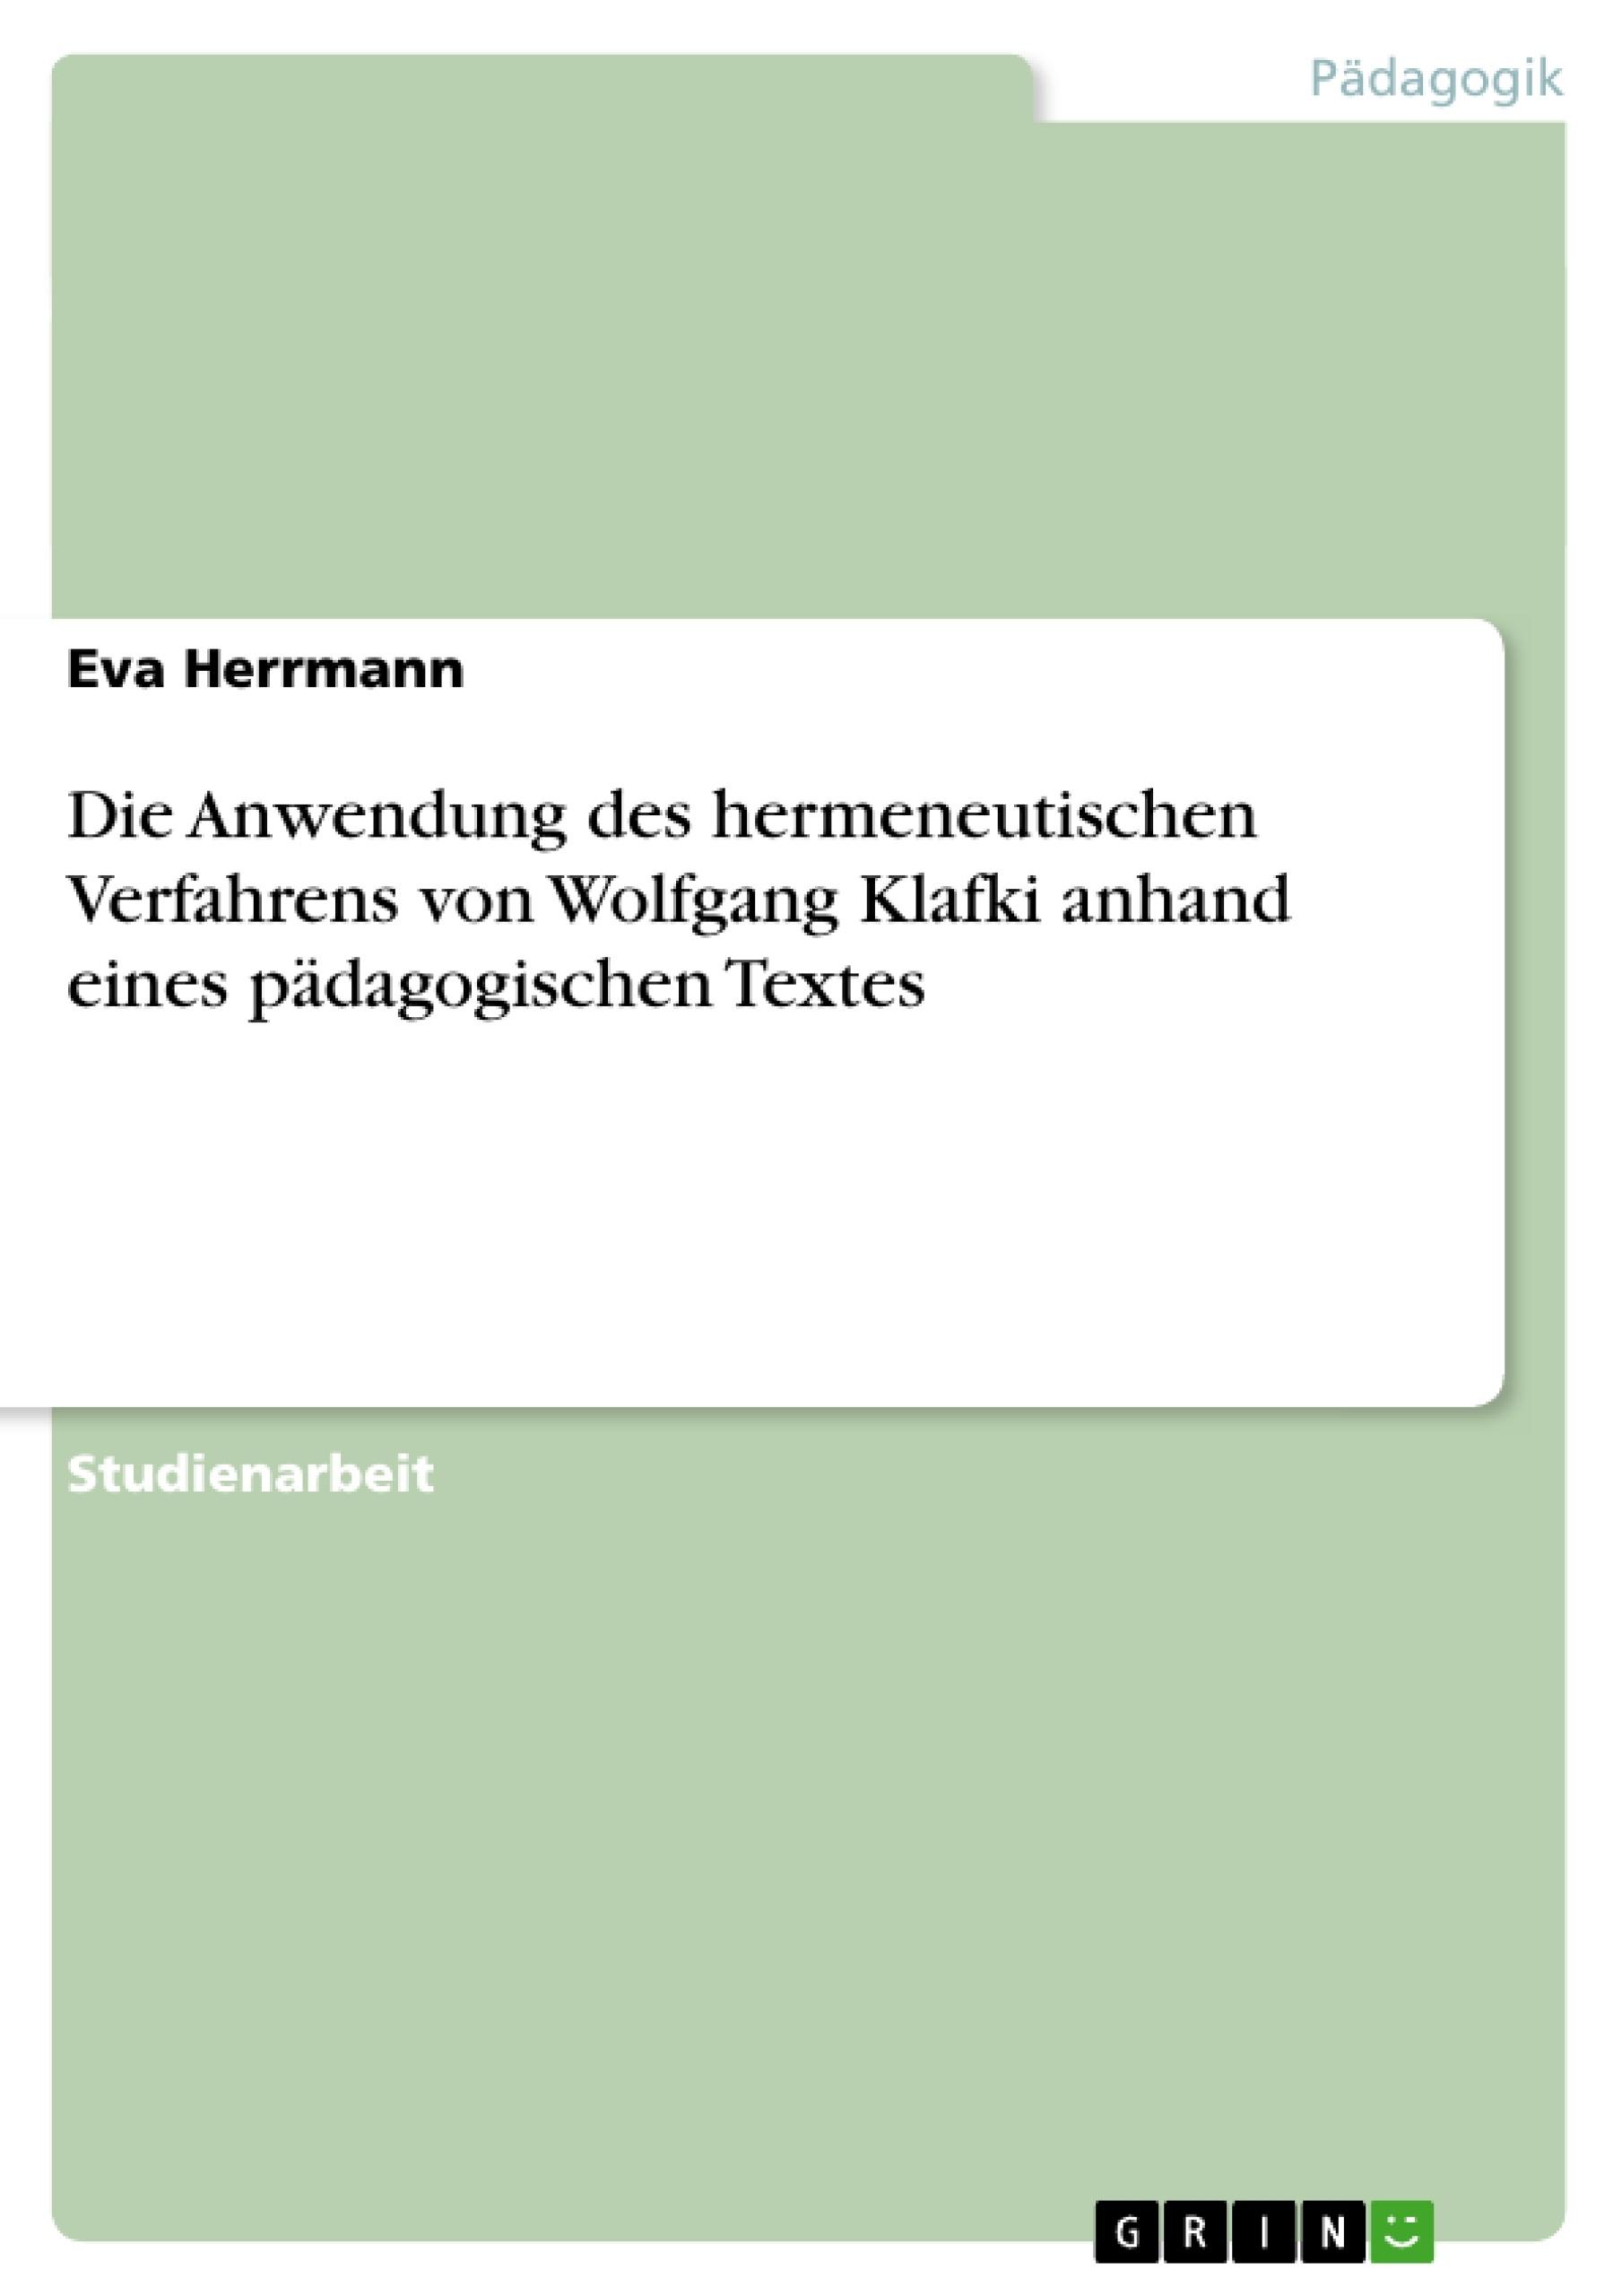 Titel: Die Anwendung des hermeneutischen Verfahrens von Wolfgang Klafki anhand eines pädagogischen Textes